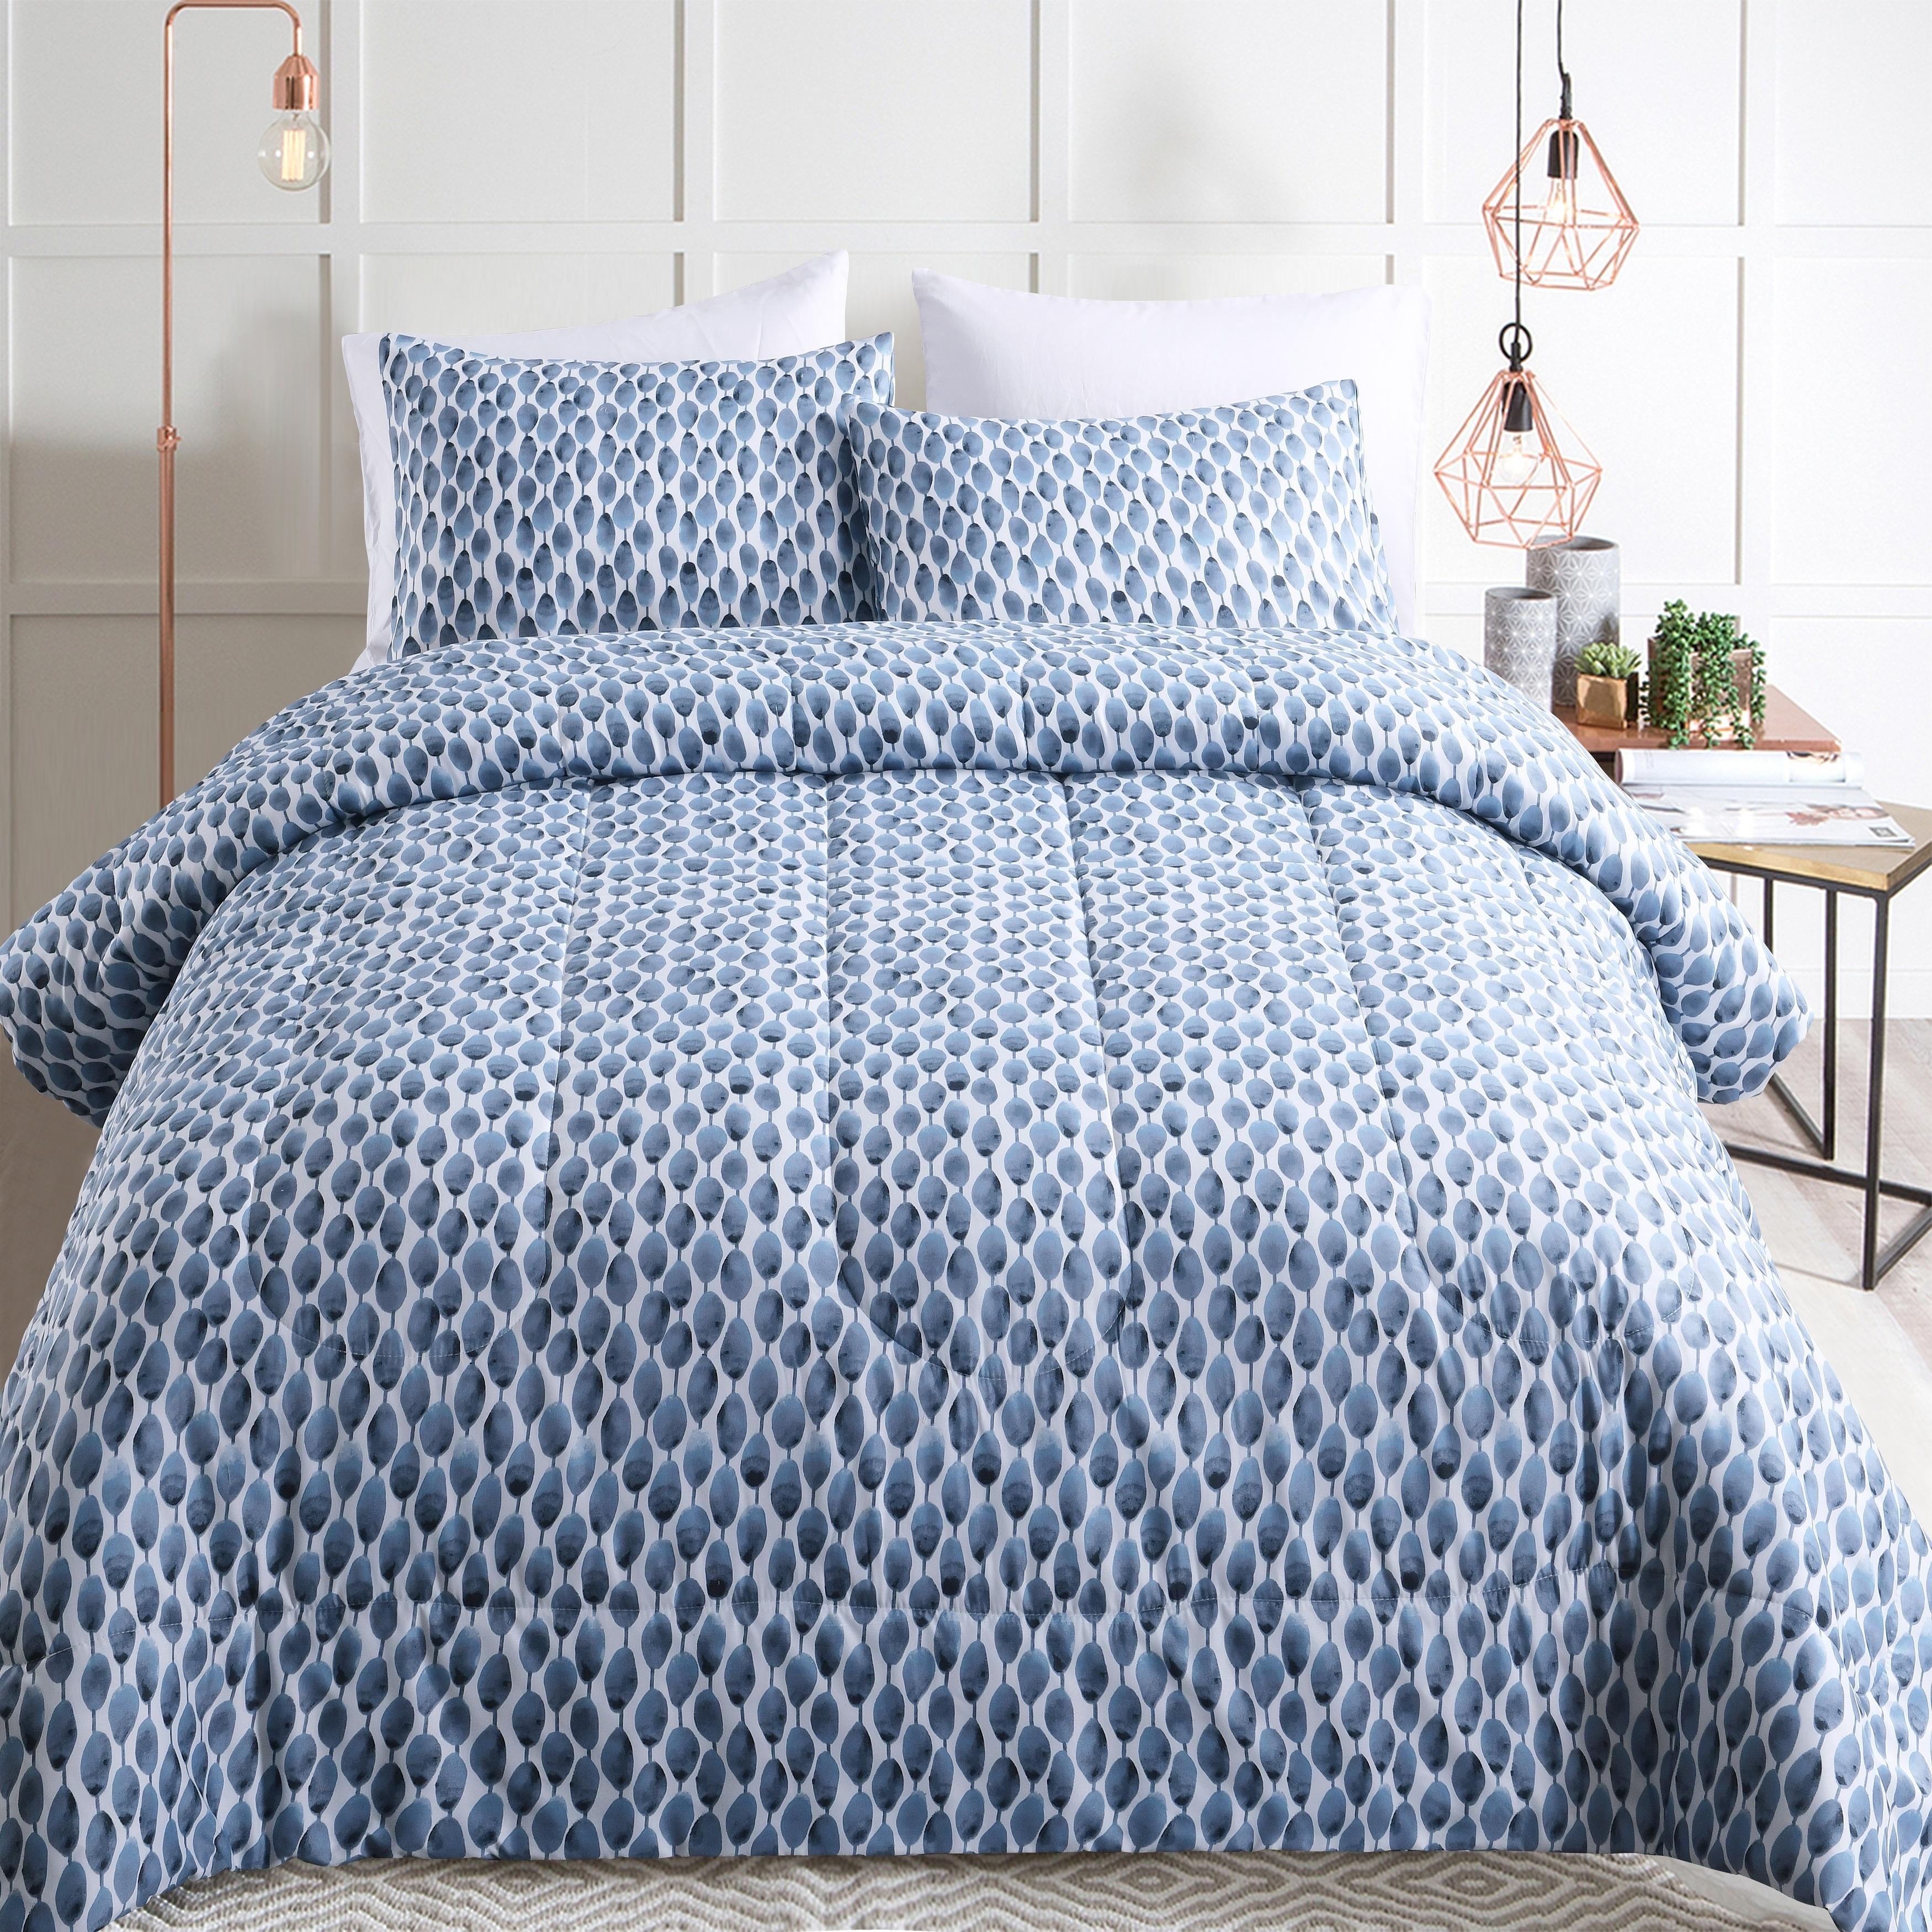 Adrien Lewis Preston 3pc Comforter Set Overstock 28502812 Queen